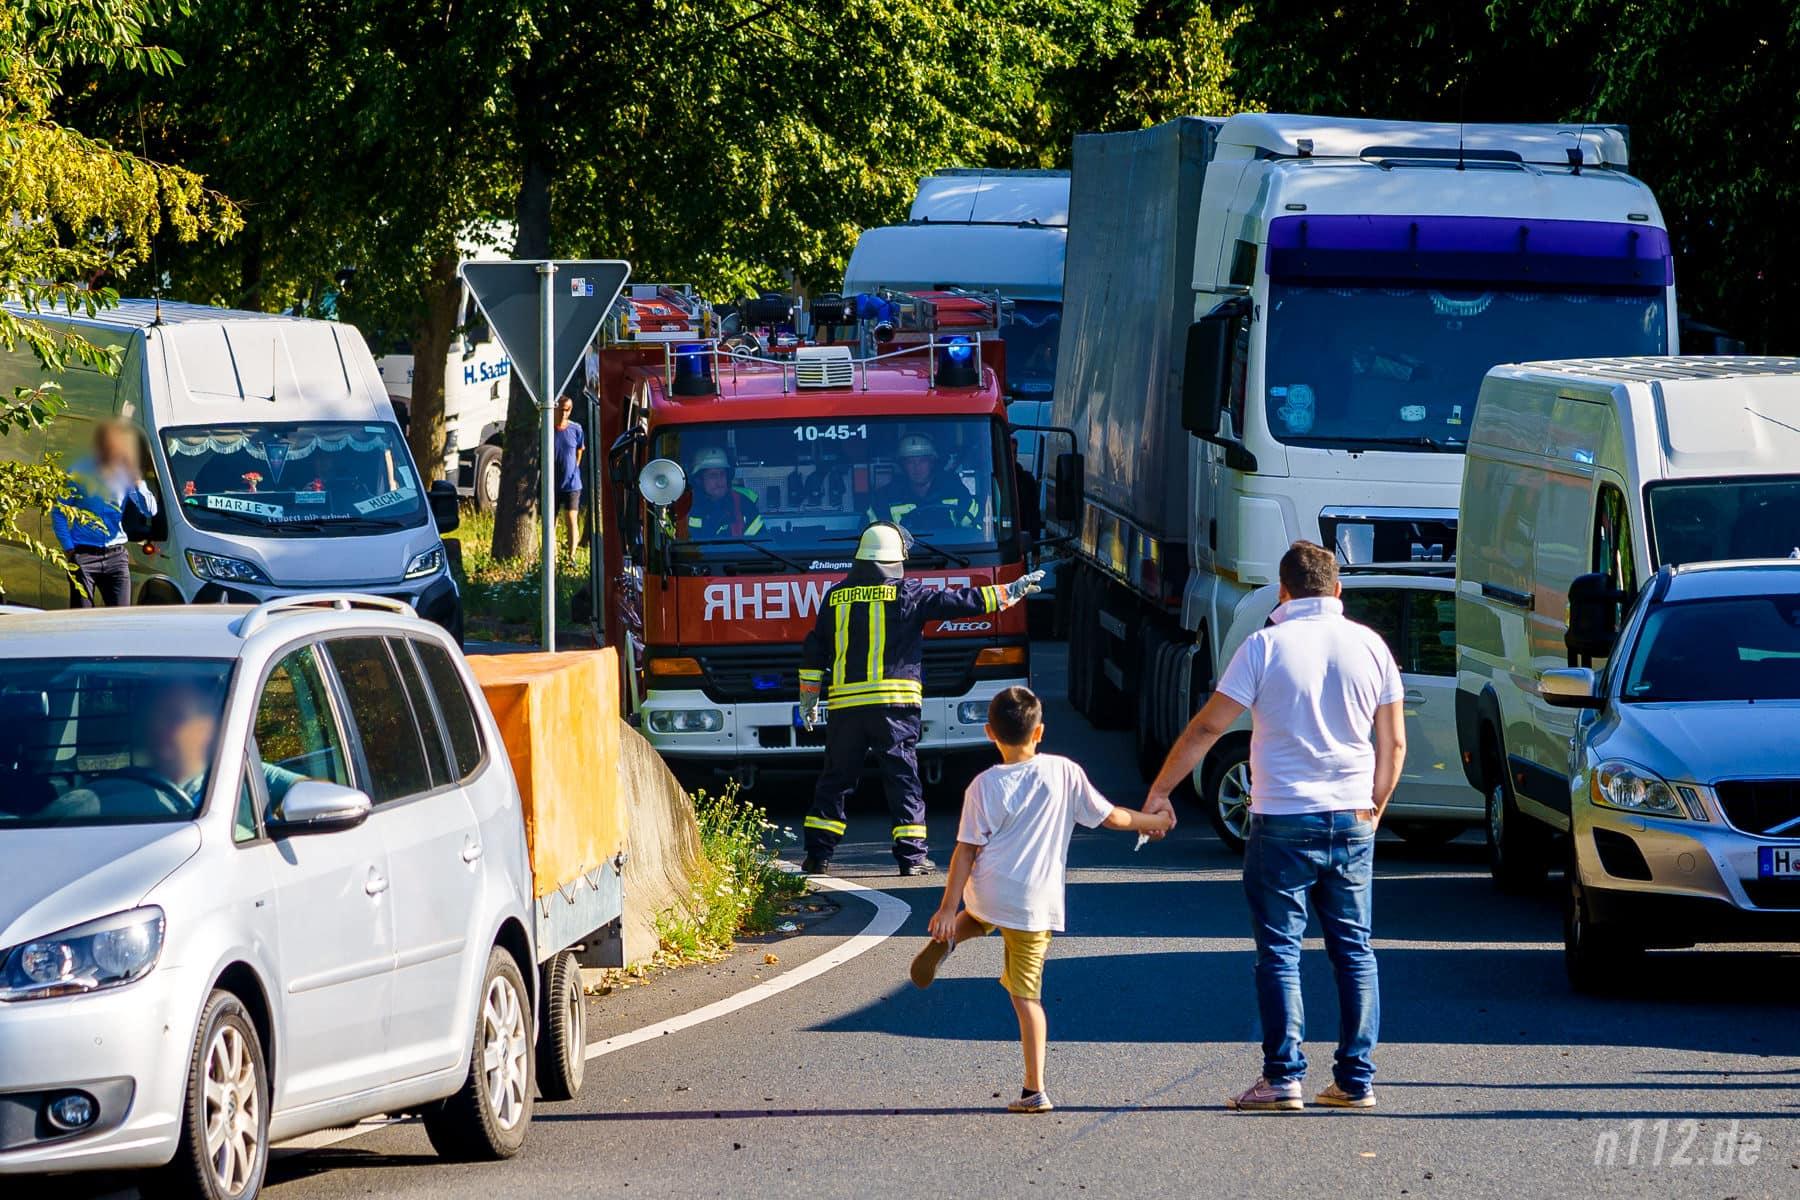 Fast kein Durchkommen: Das Löschgruppenfahrzeug aus Rehren kämpft sich auf dem Parkplatz Schafstrift durch Schaulustige und wartende Fahrzeuge (Foto: n112.de/Stefan Simonsen)